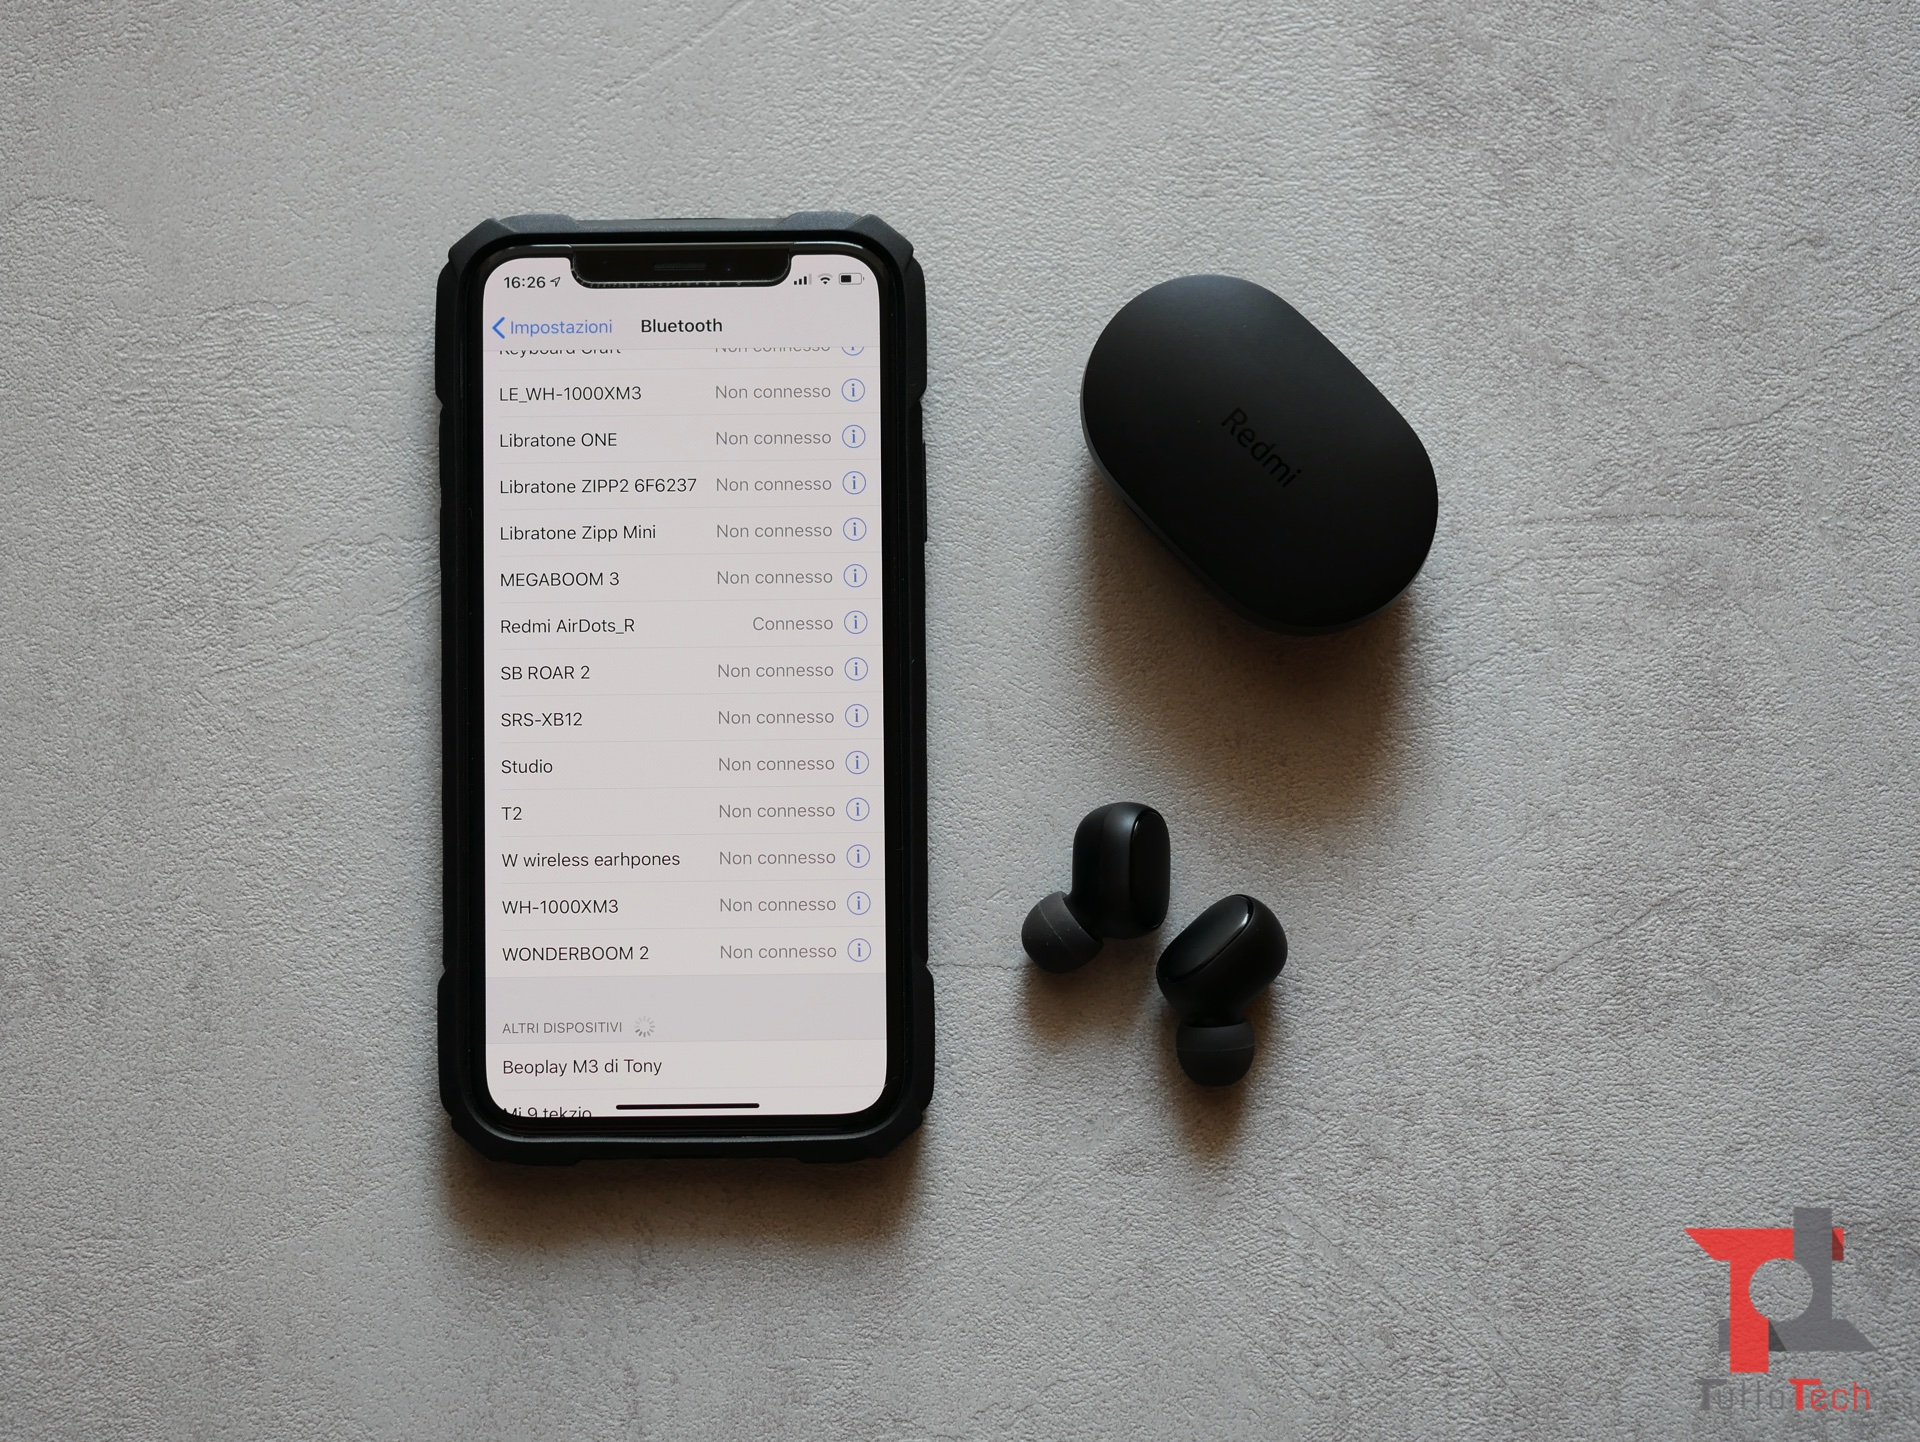 Recensione Redmi AirDots: semplicemente le migliori cuffie true wireless economiche 4